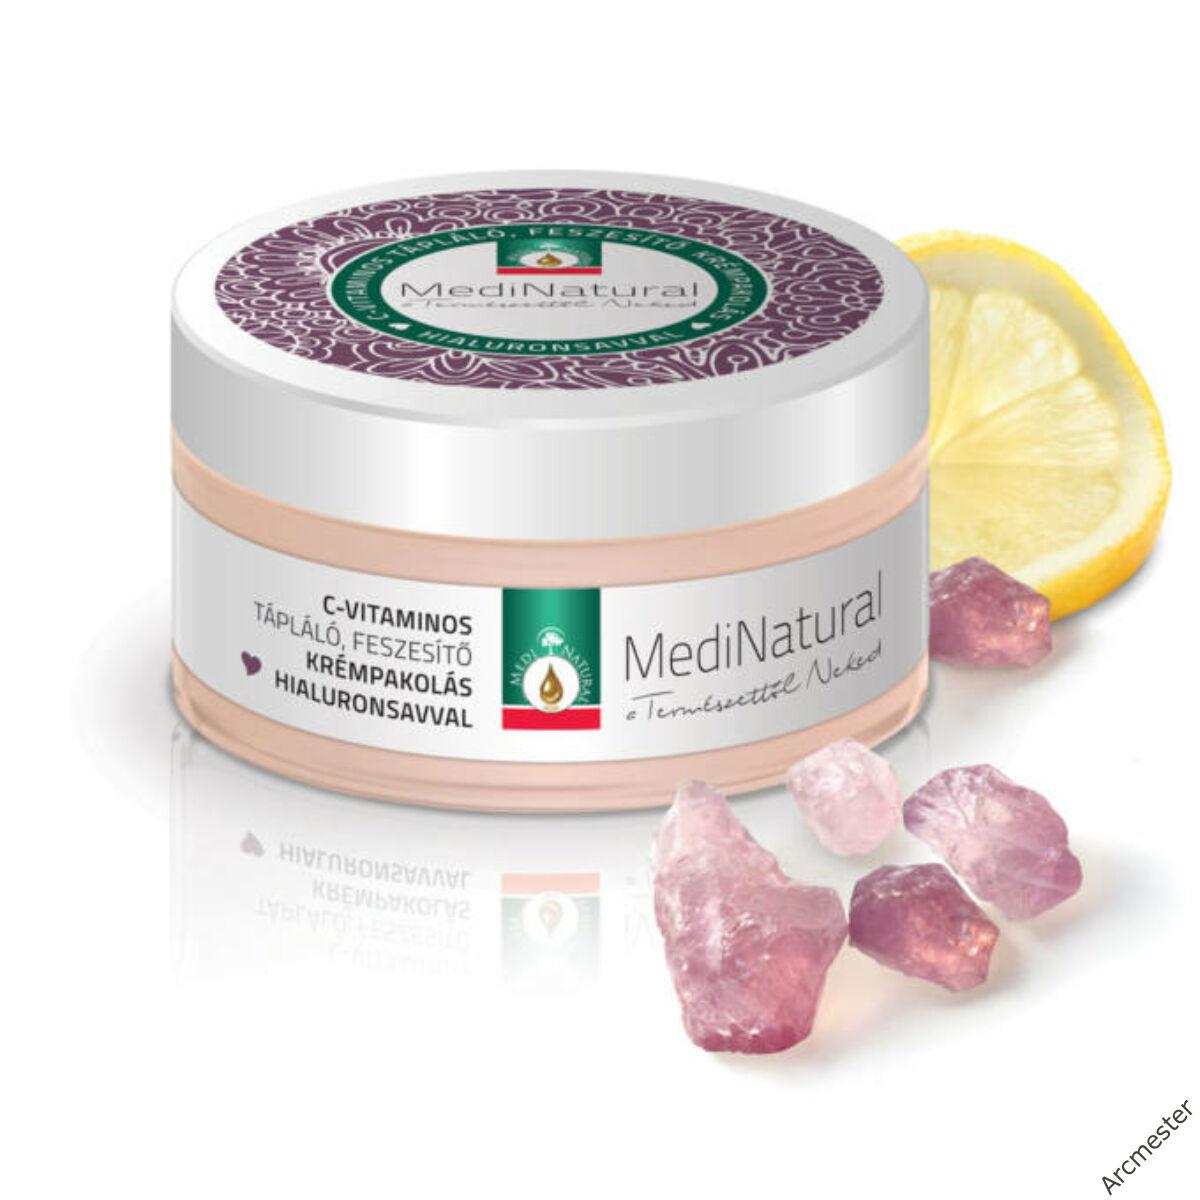 Anti-aging arcpakolás   C vitaminos feszesítő krémpakolás Hialuronsavval